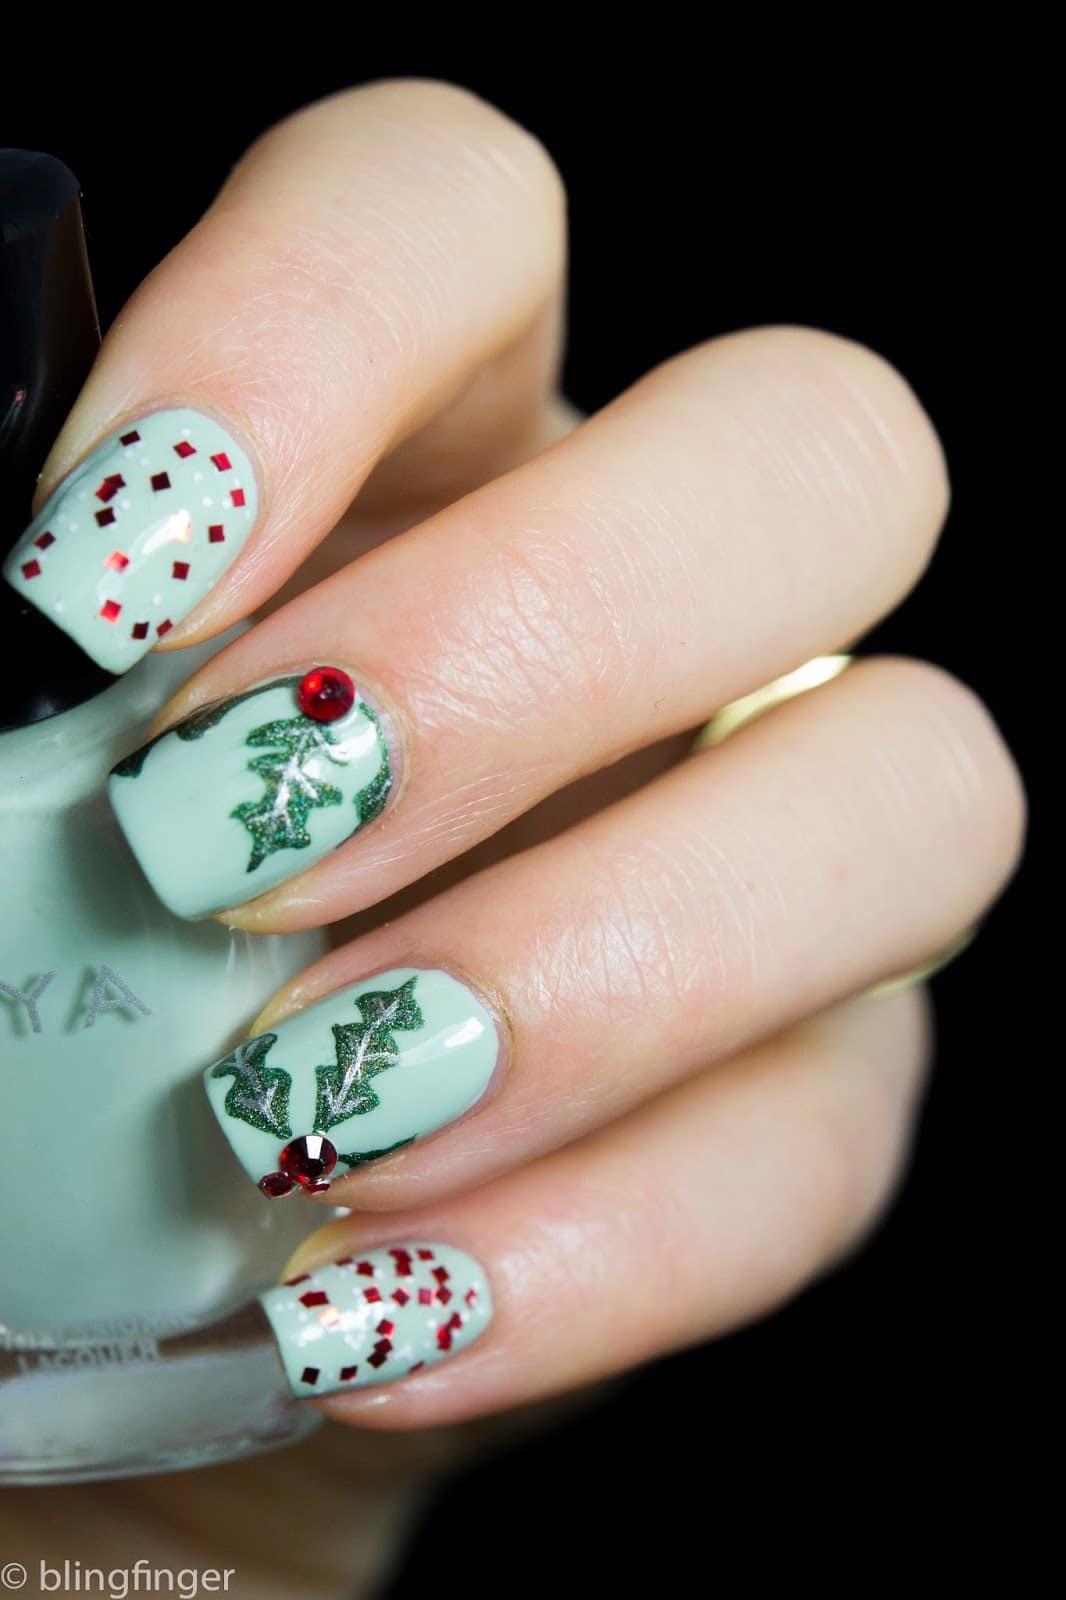 Christmas-nail-art-16-about-beauty